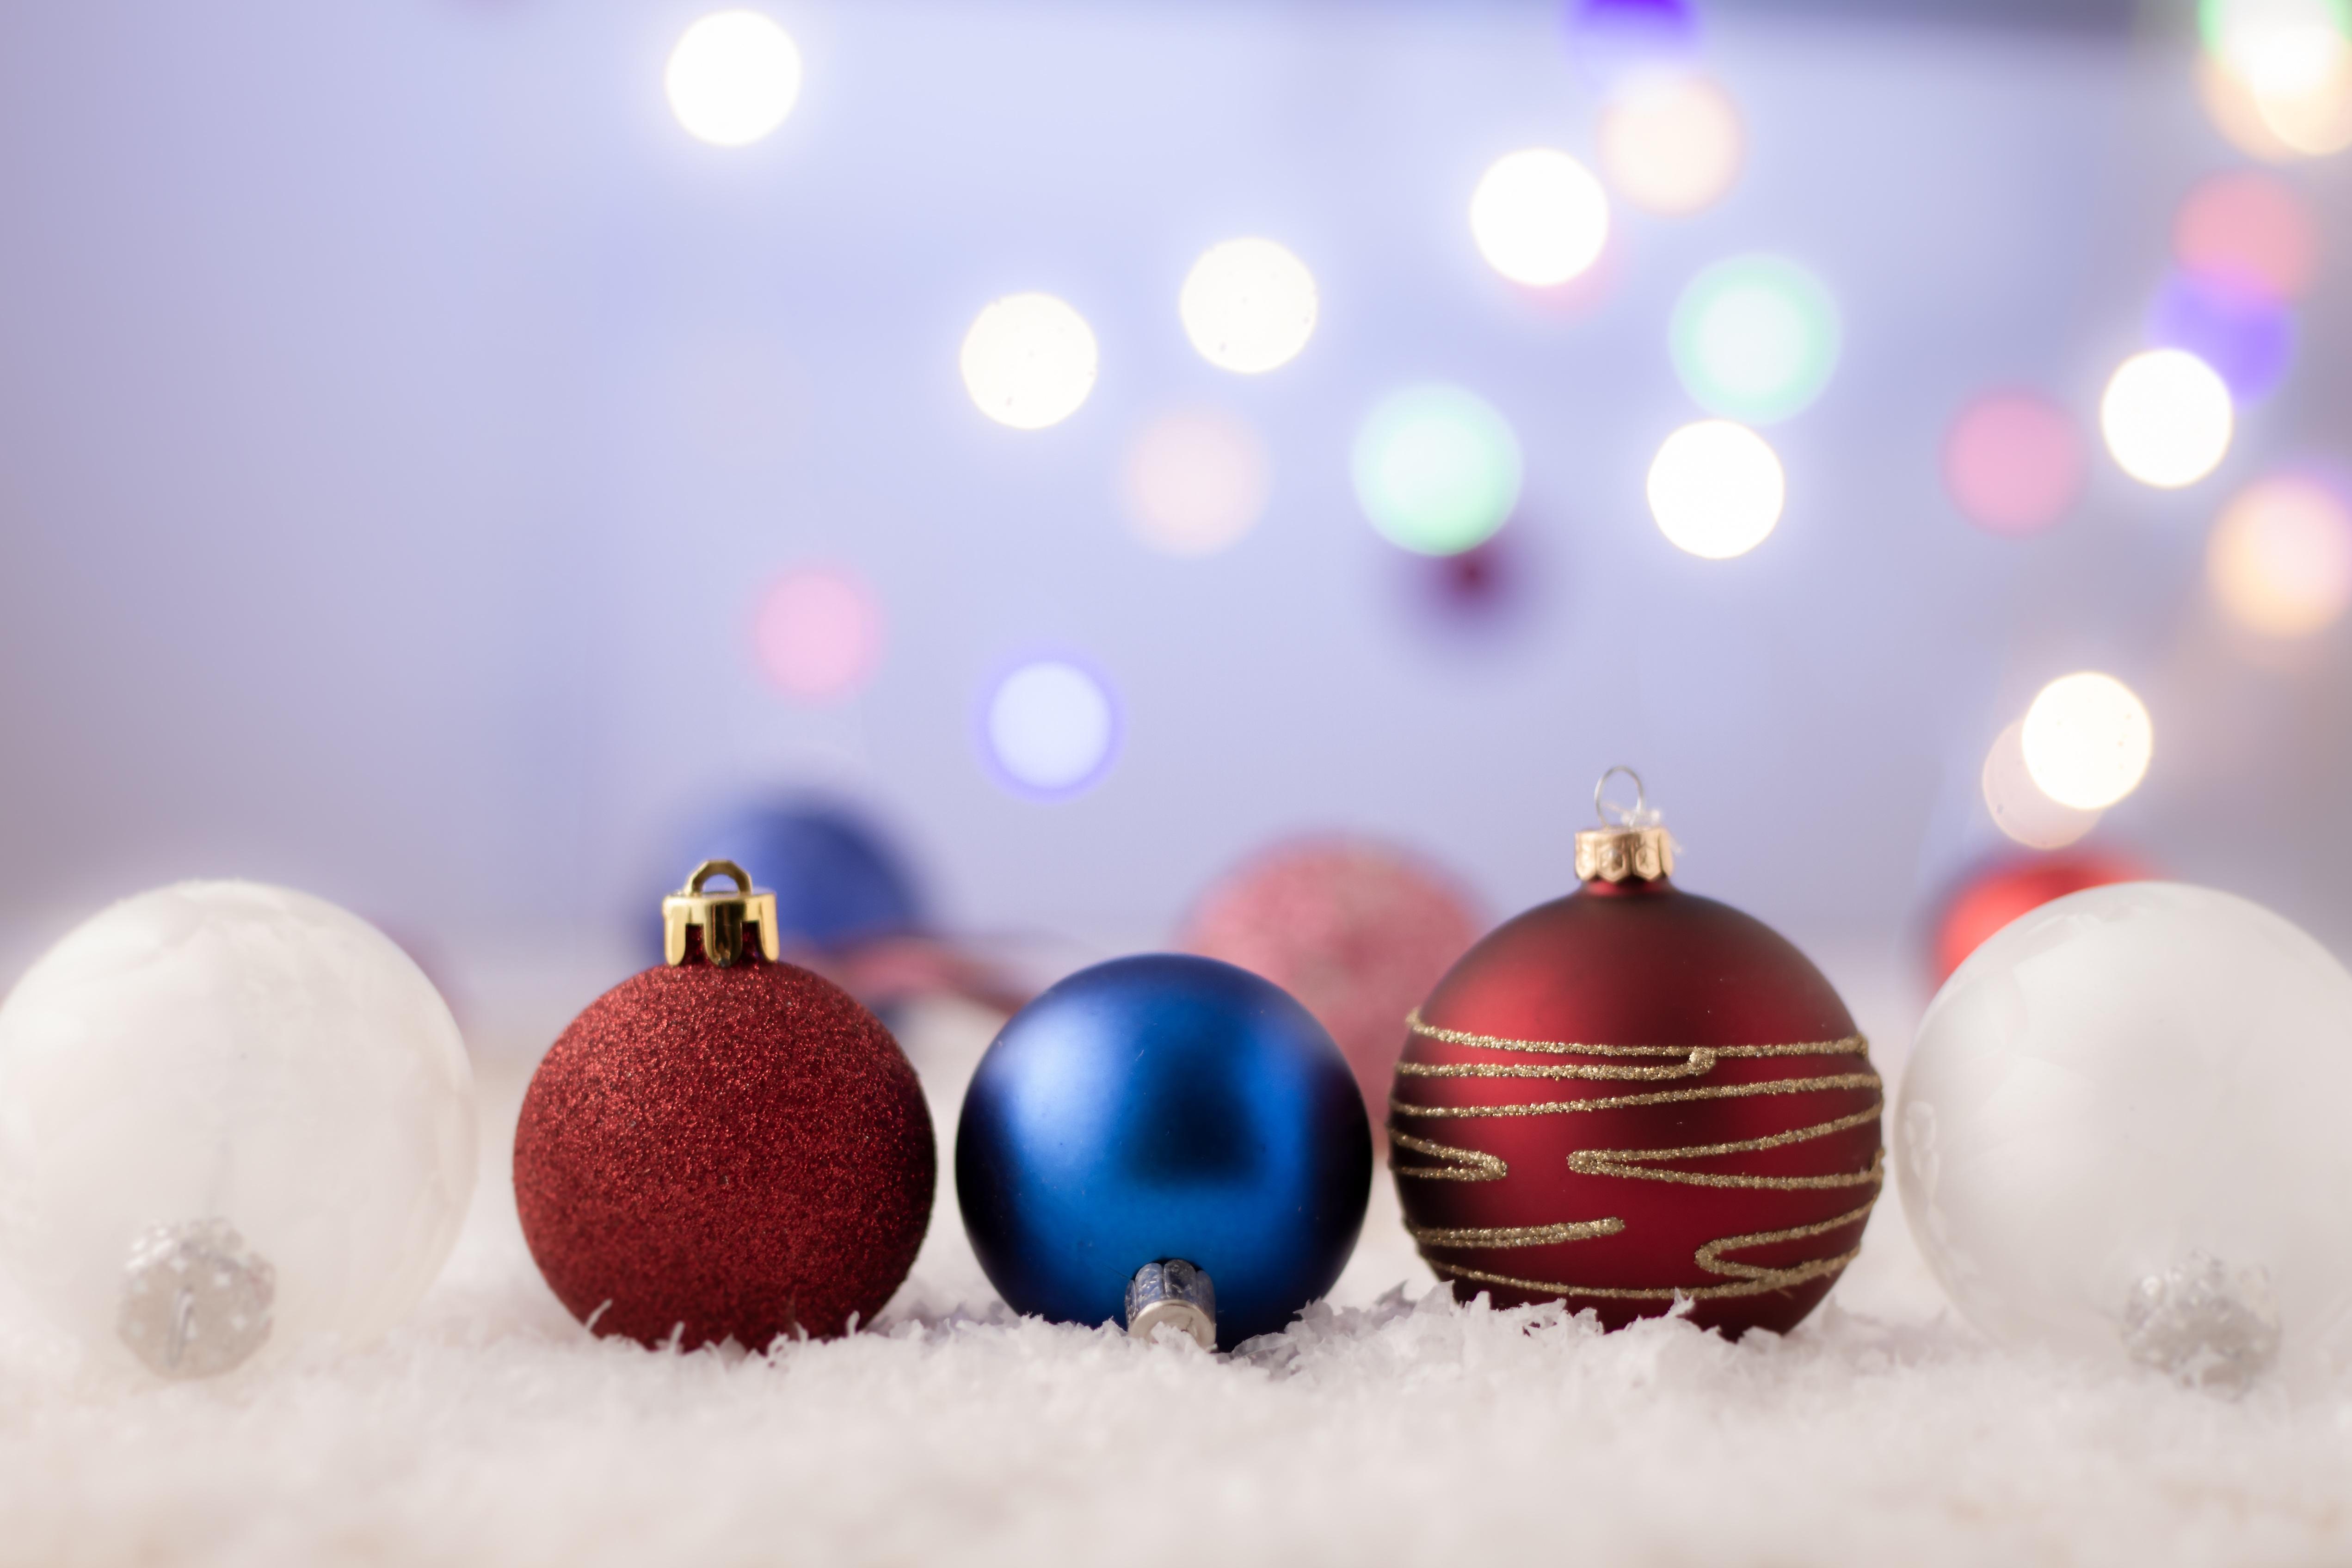 155156 скачать обои Праздники, Новый Год, Украшения, Игрушки, Рождество, Праздник, Шары - заставки и картинки бесплатно